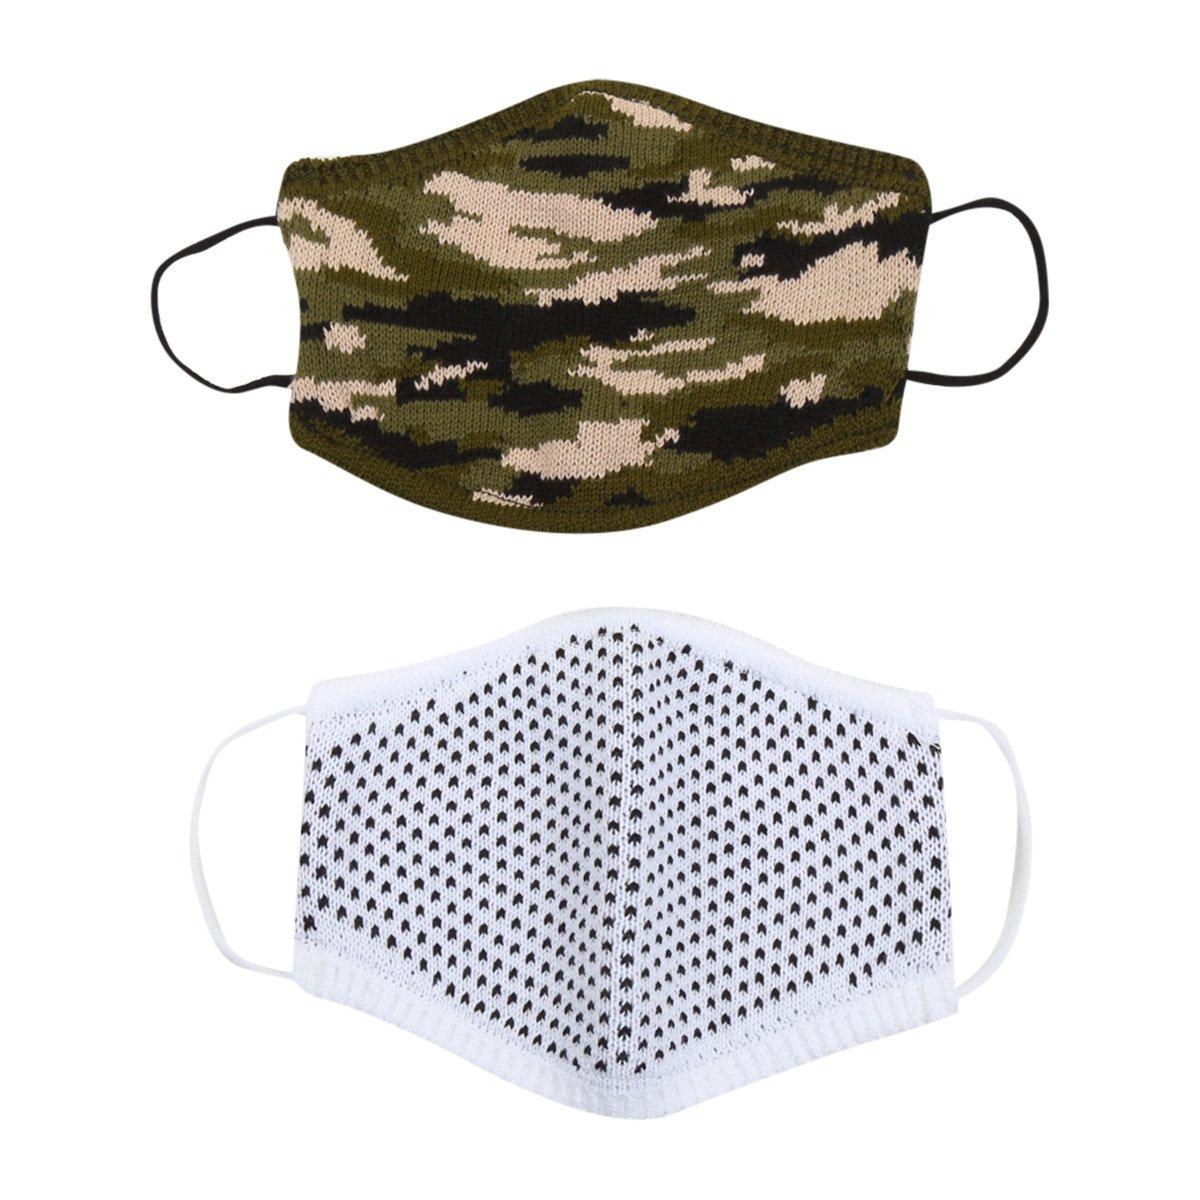 Kit De Máscaras Karian 2 Unidades